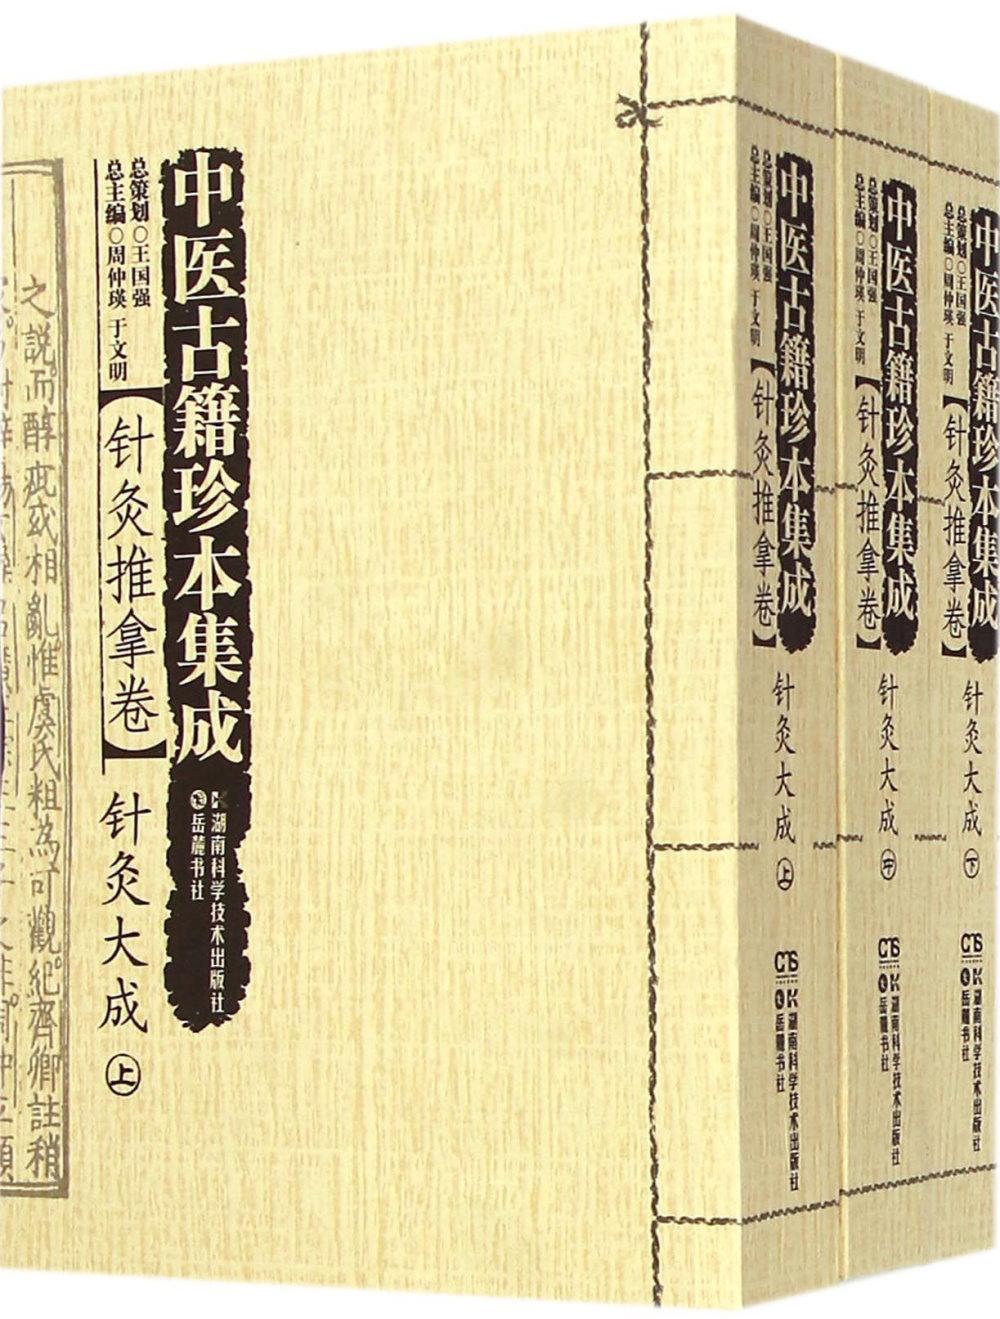 中醫古籍珍本集成·針灸推拿卷:針灸大成(上中下)